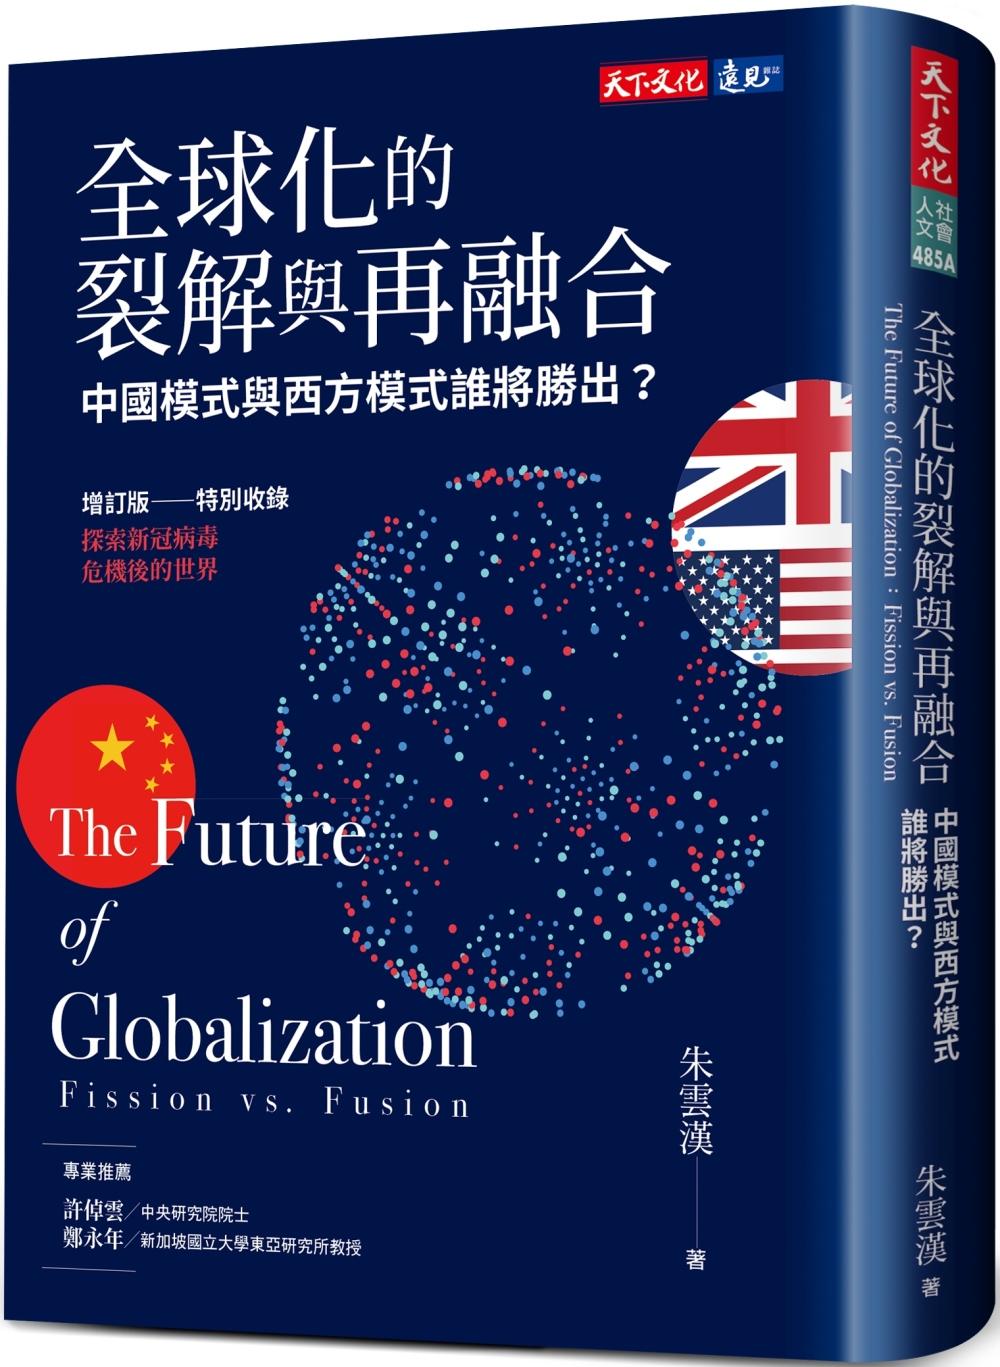 全球化的裂解與再融合(增訂版):中國模式與西方模式誰將勝出?